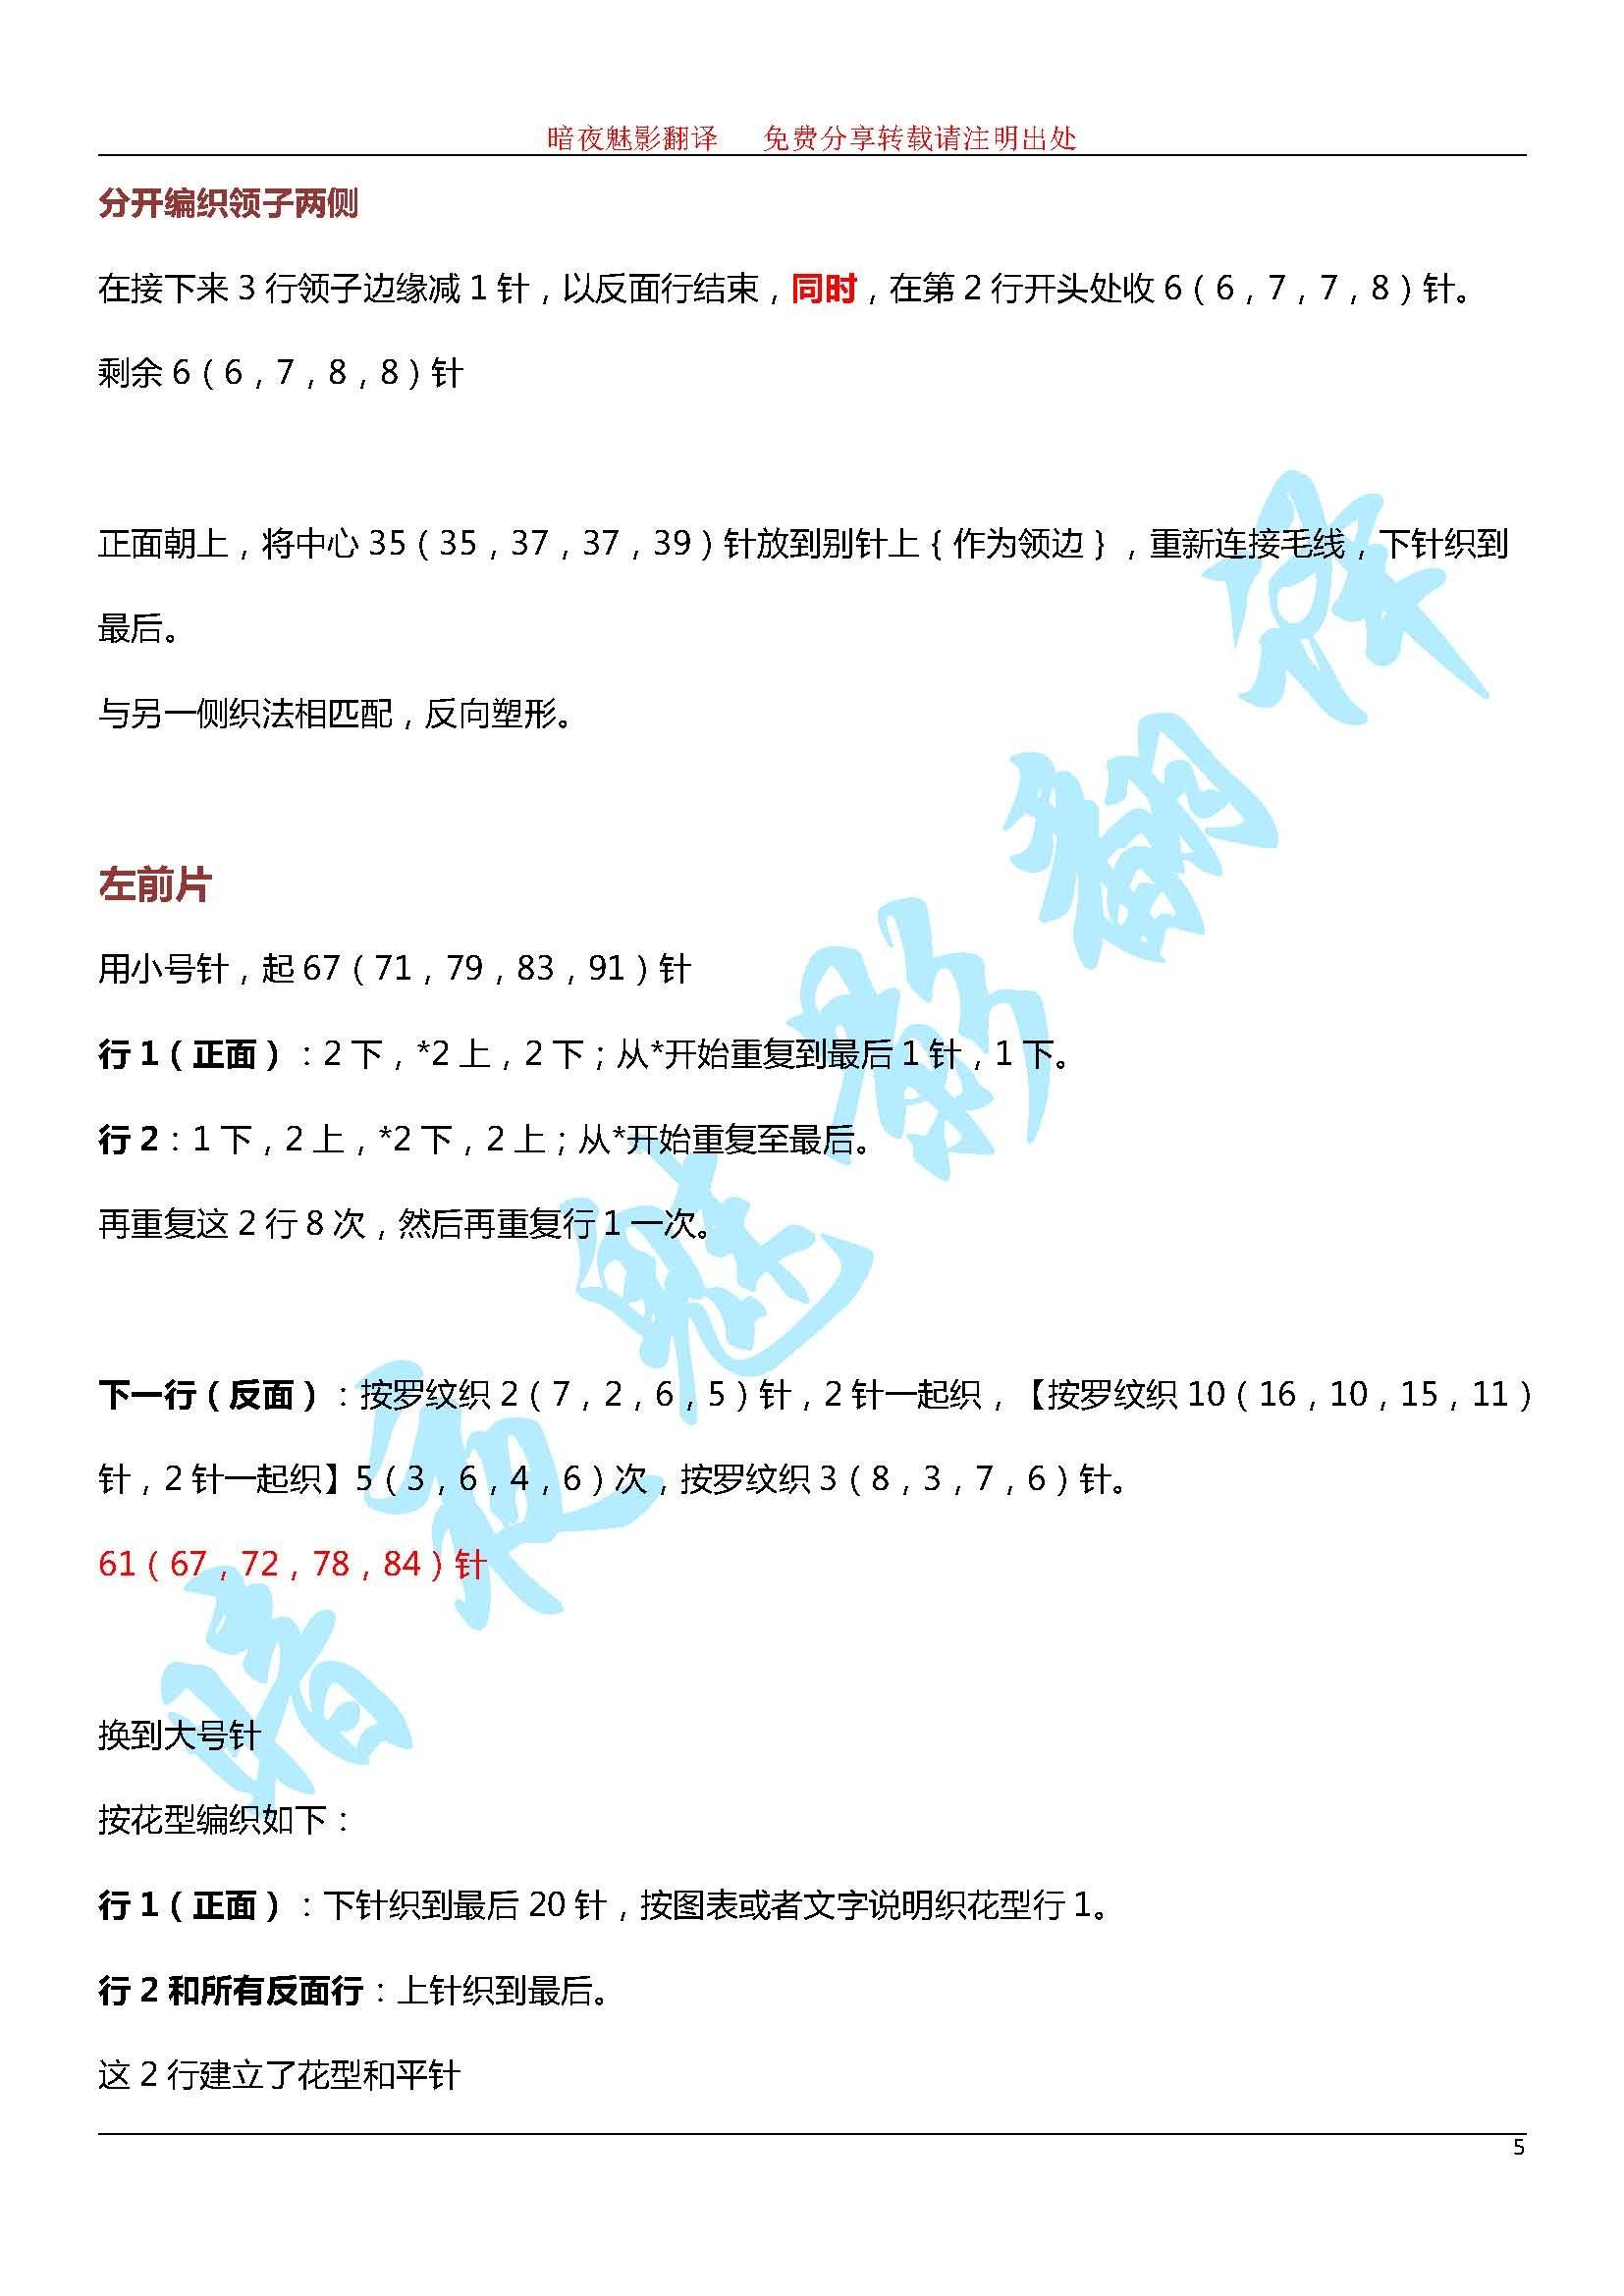 赫本开衫图解_页面_05.jpg